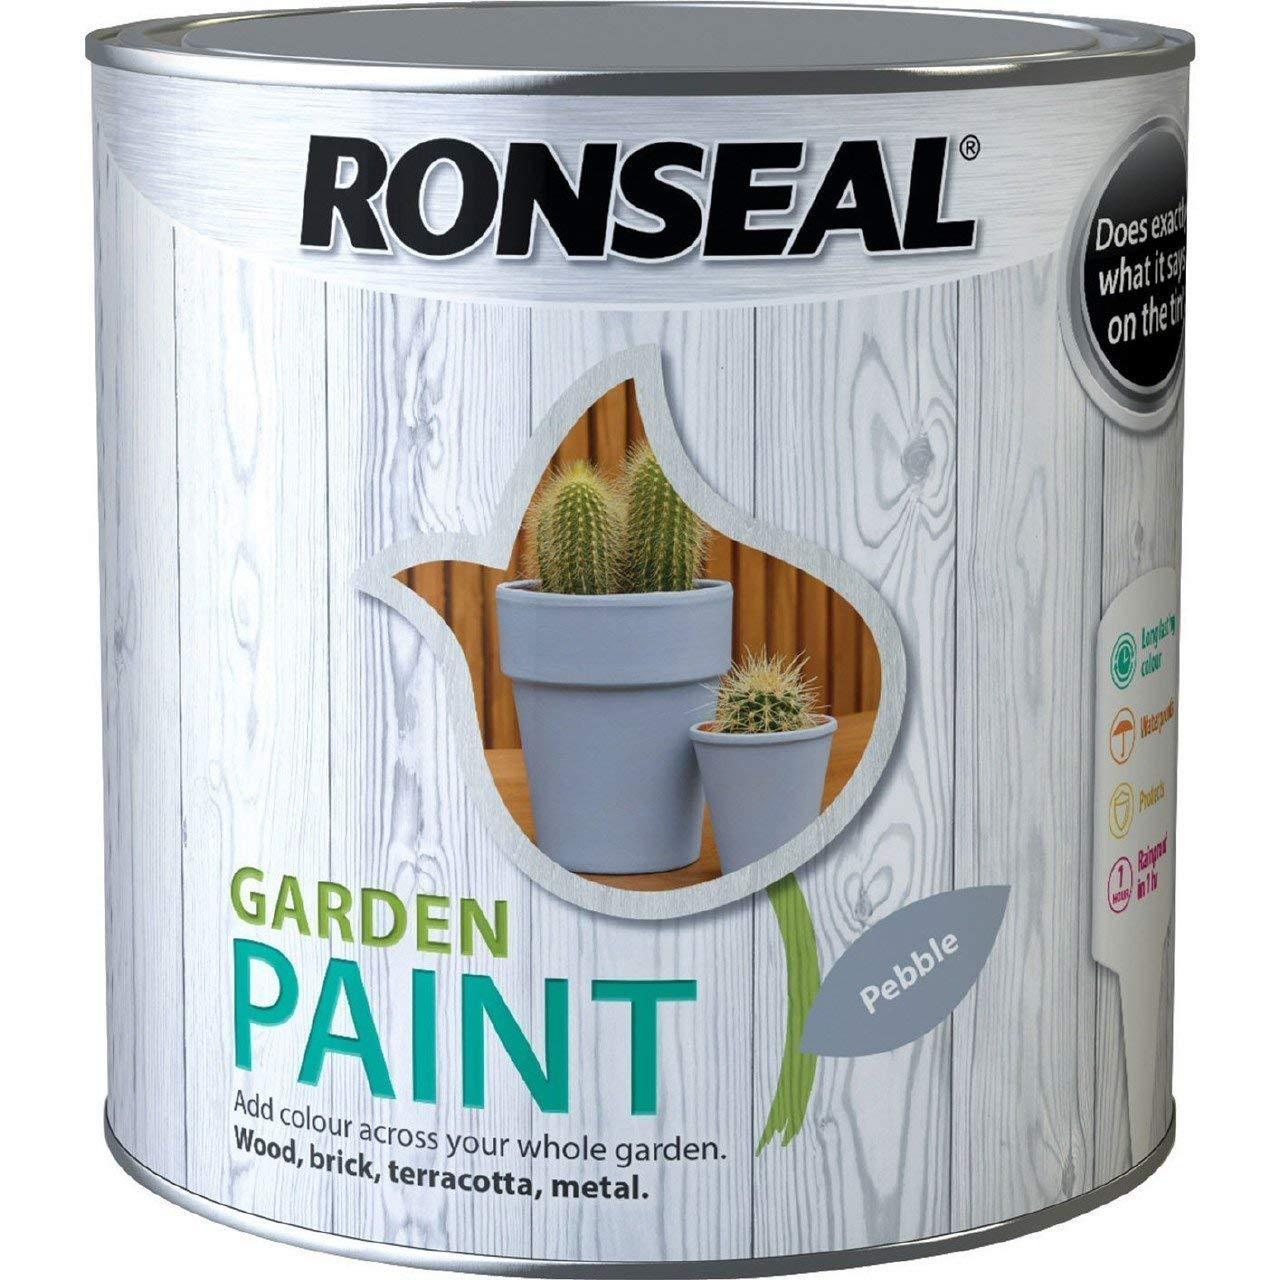 Ronseal Garden Paint 2.5l, Pebble